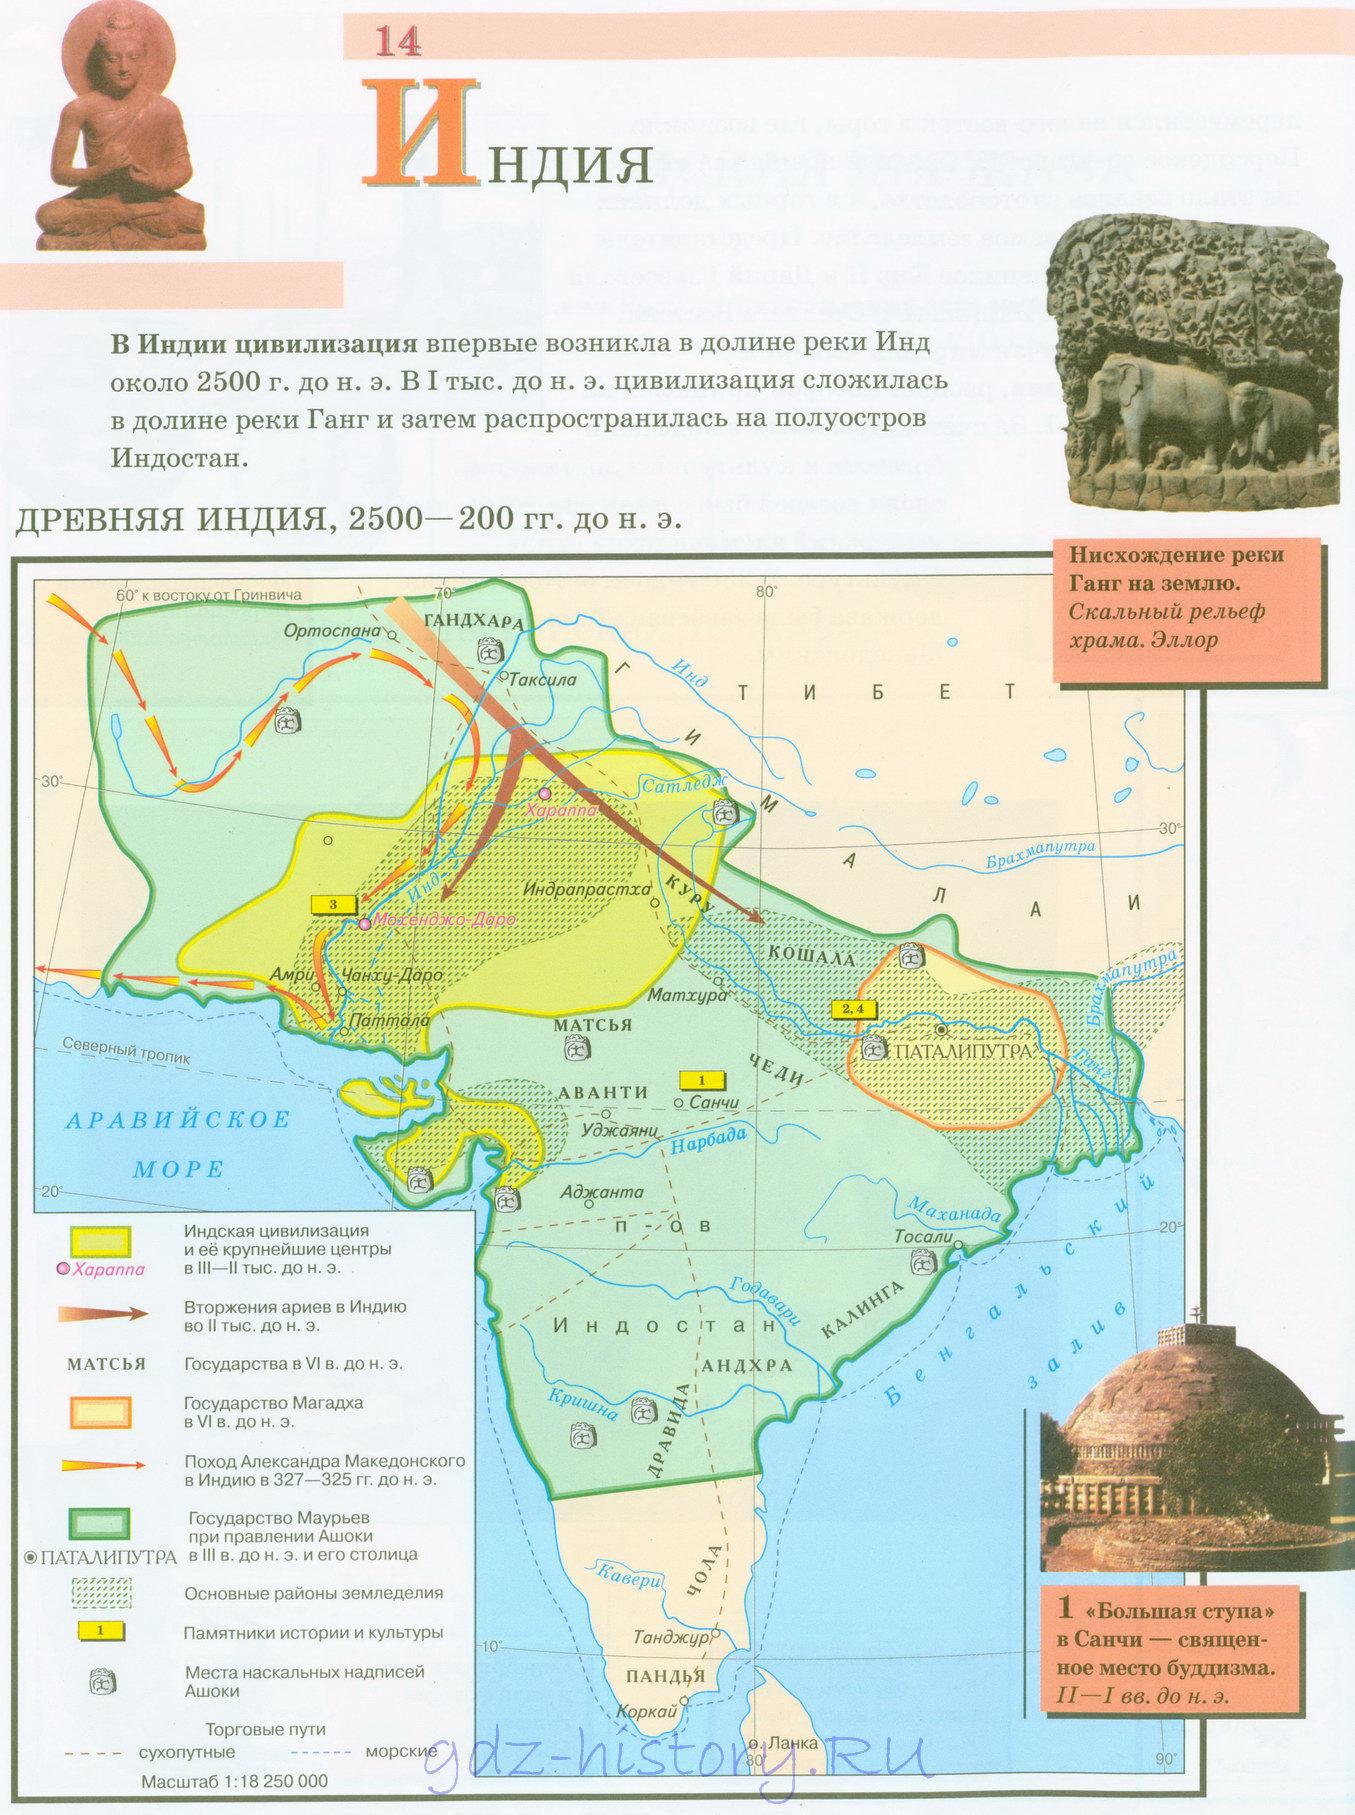 карта-цивилизация 2500-200гг до н 5 класс